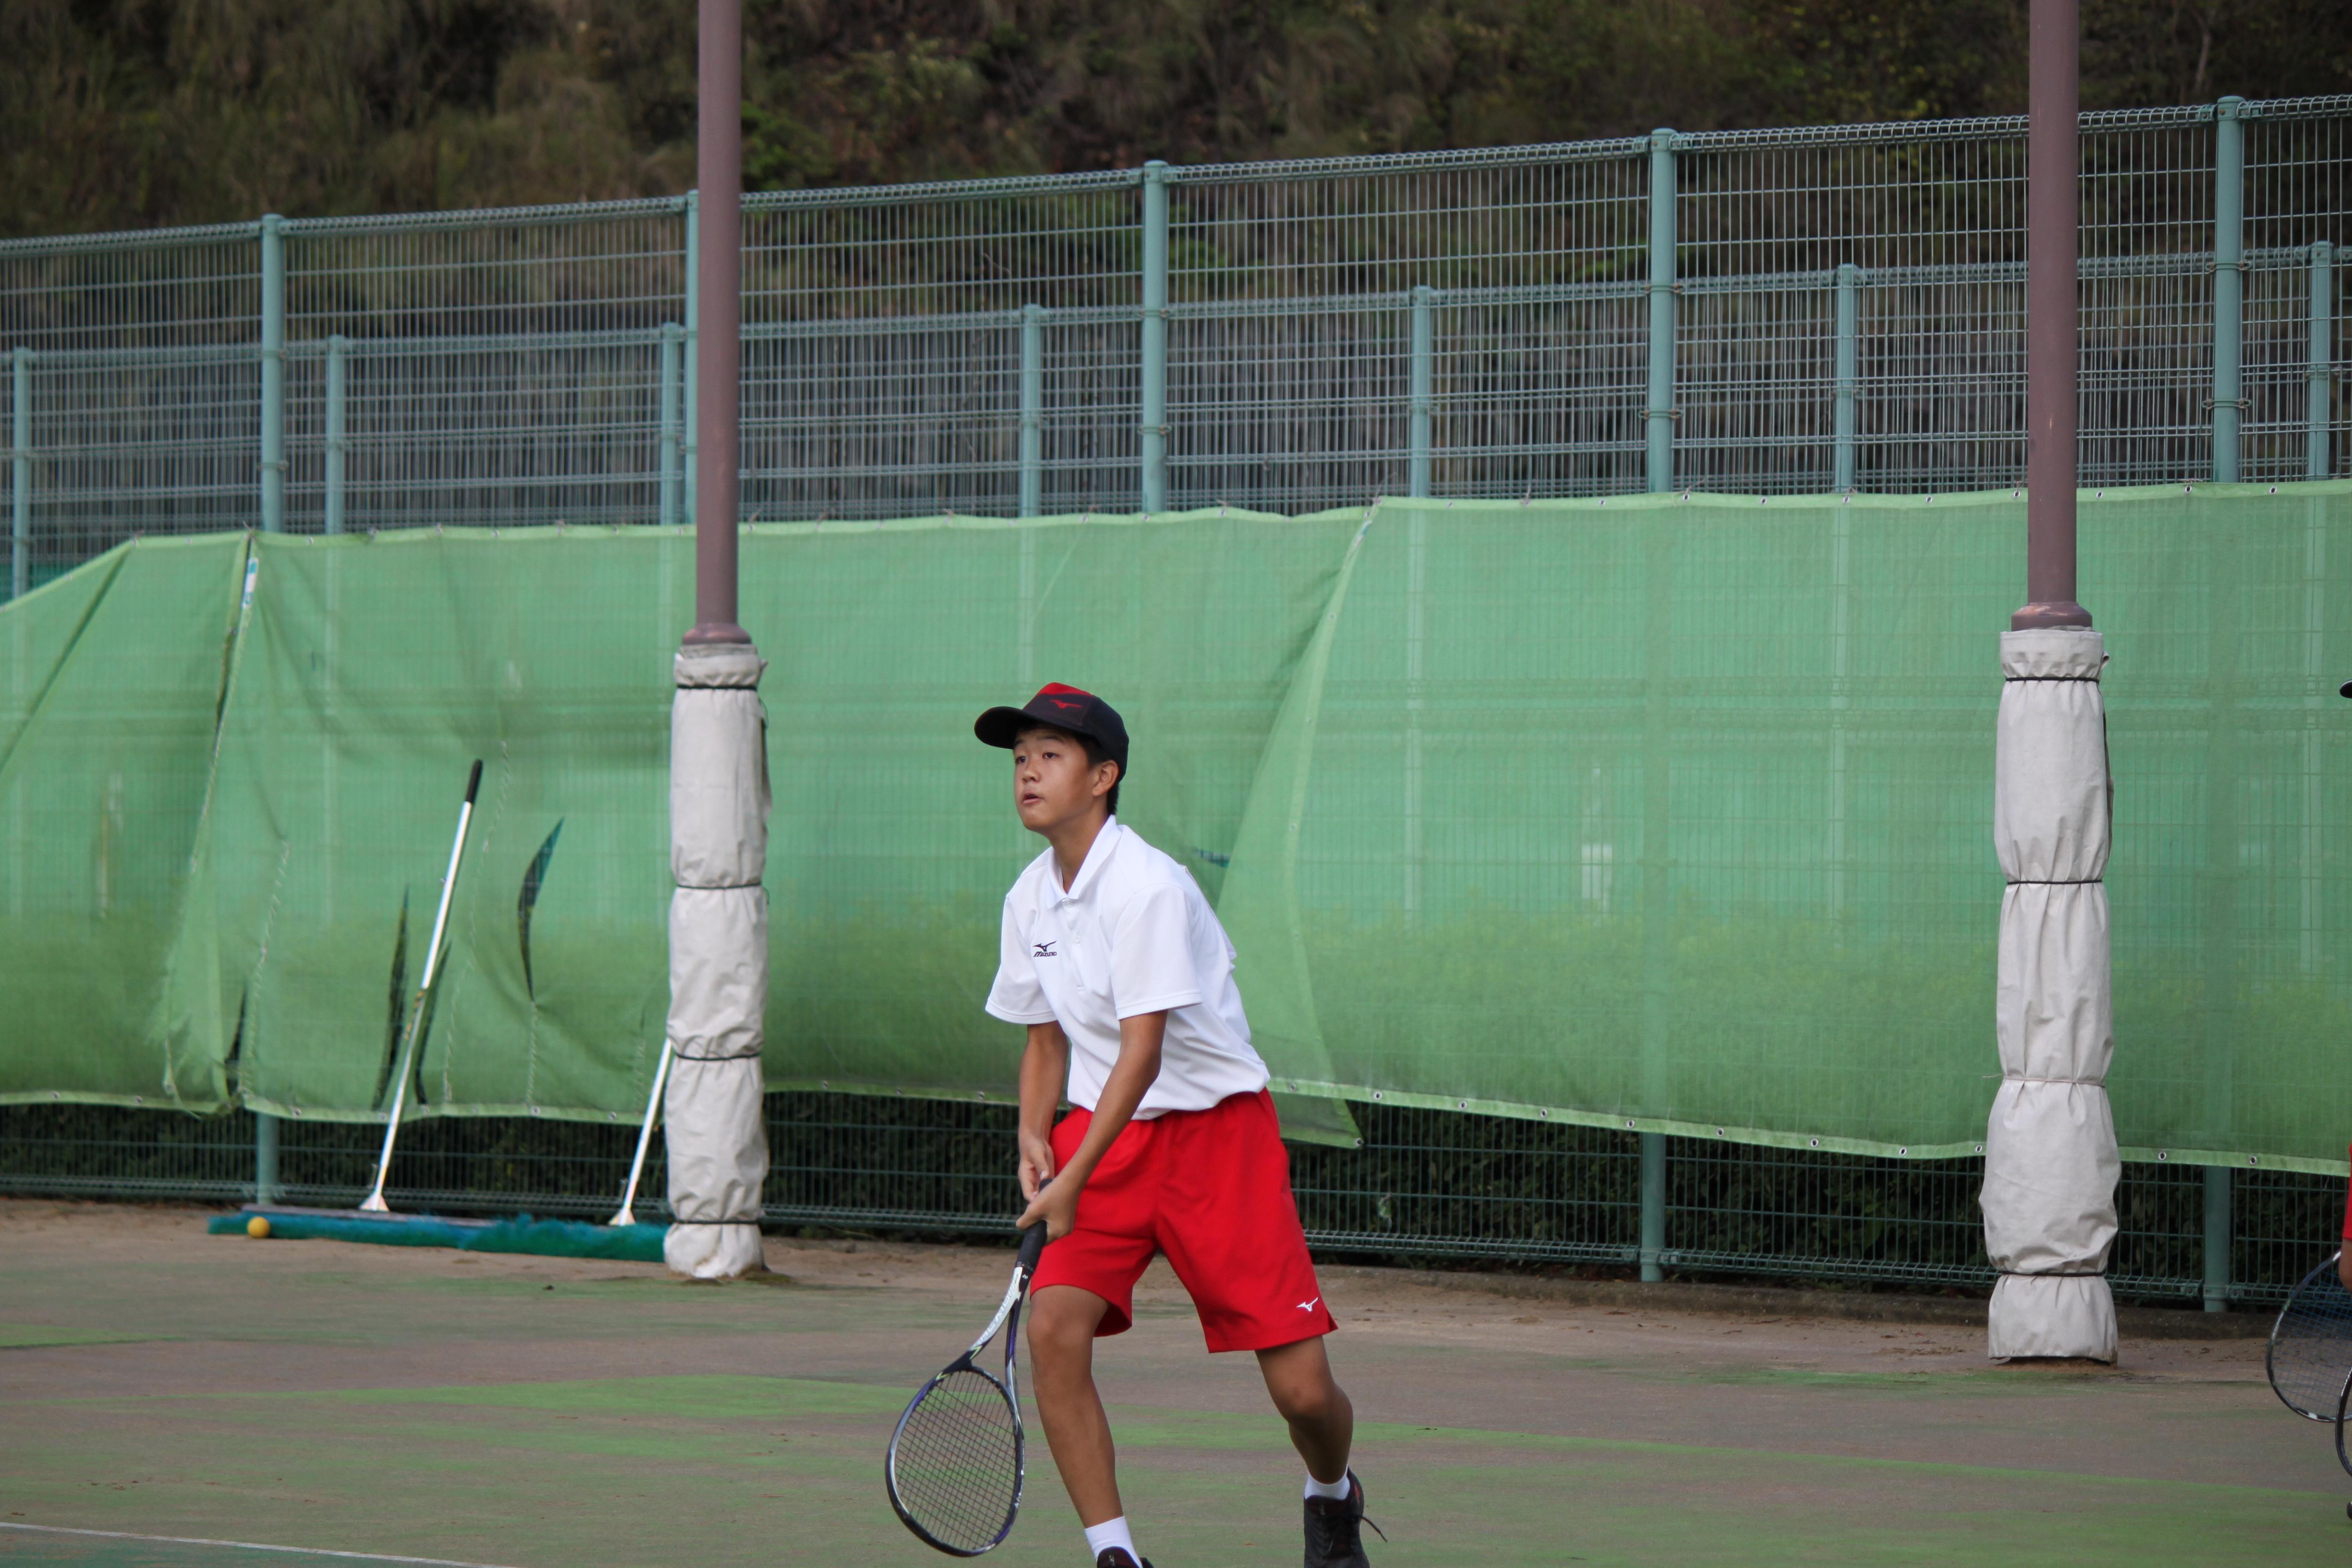 ソフトテニス (394)